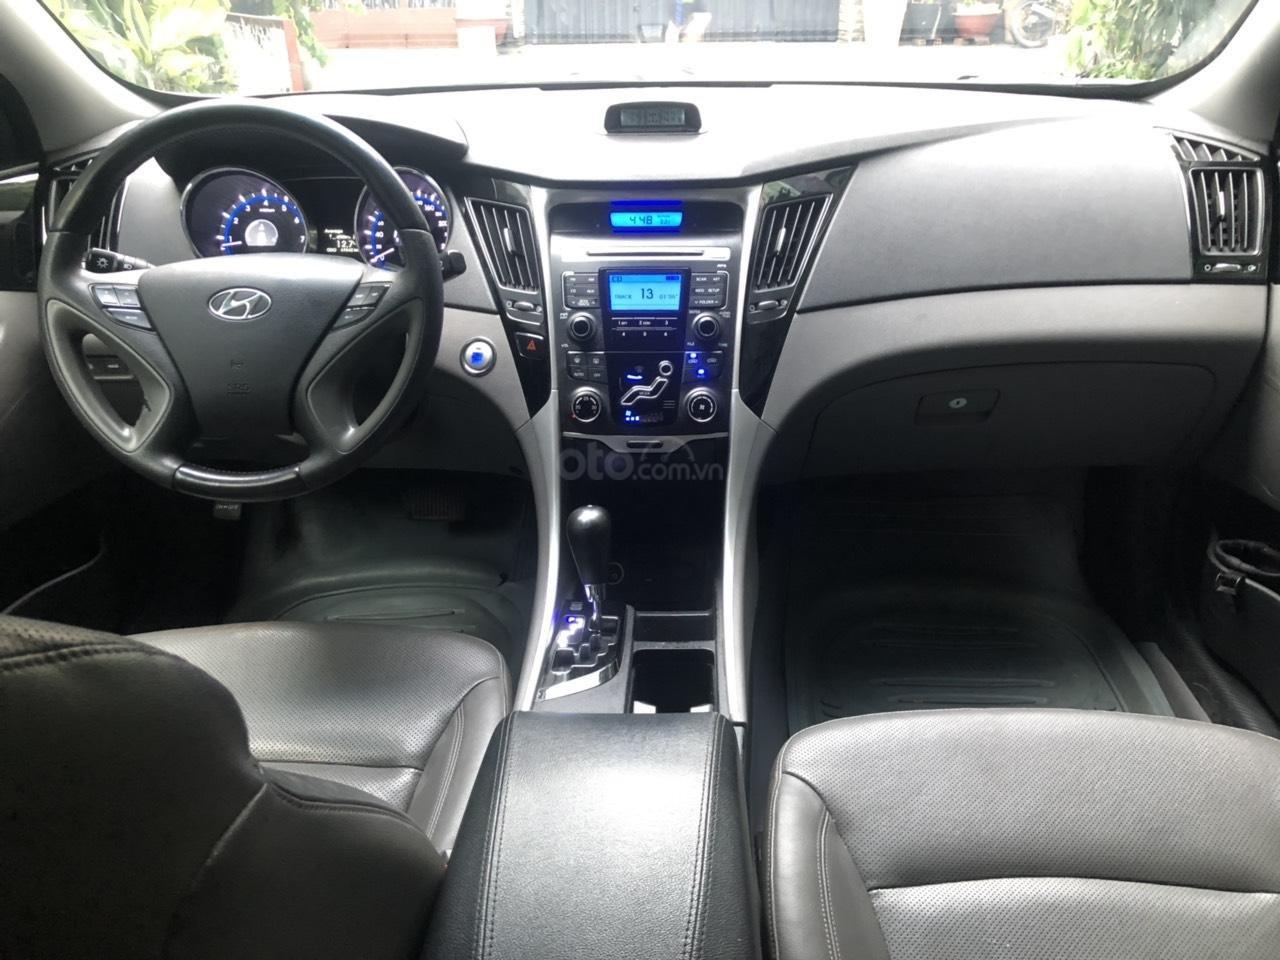 Bán xe Hyundai Sonata 2.0 sản xuất năm 2011, màu xám (ghi), nhập khẩu nguyên chiếc (4)